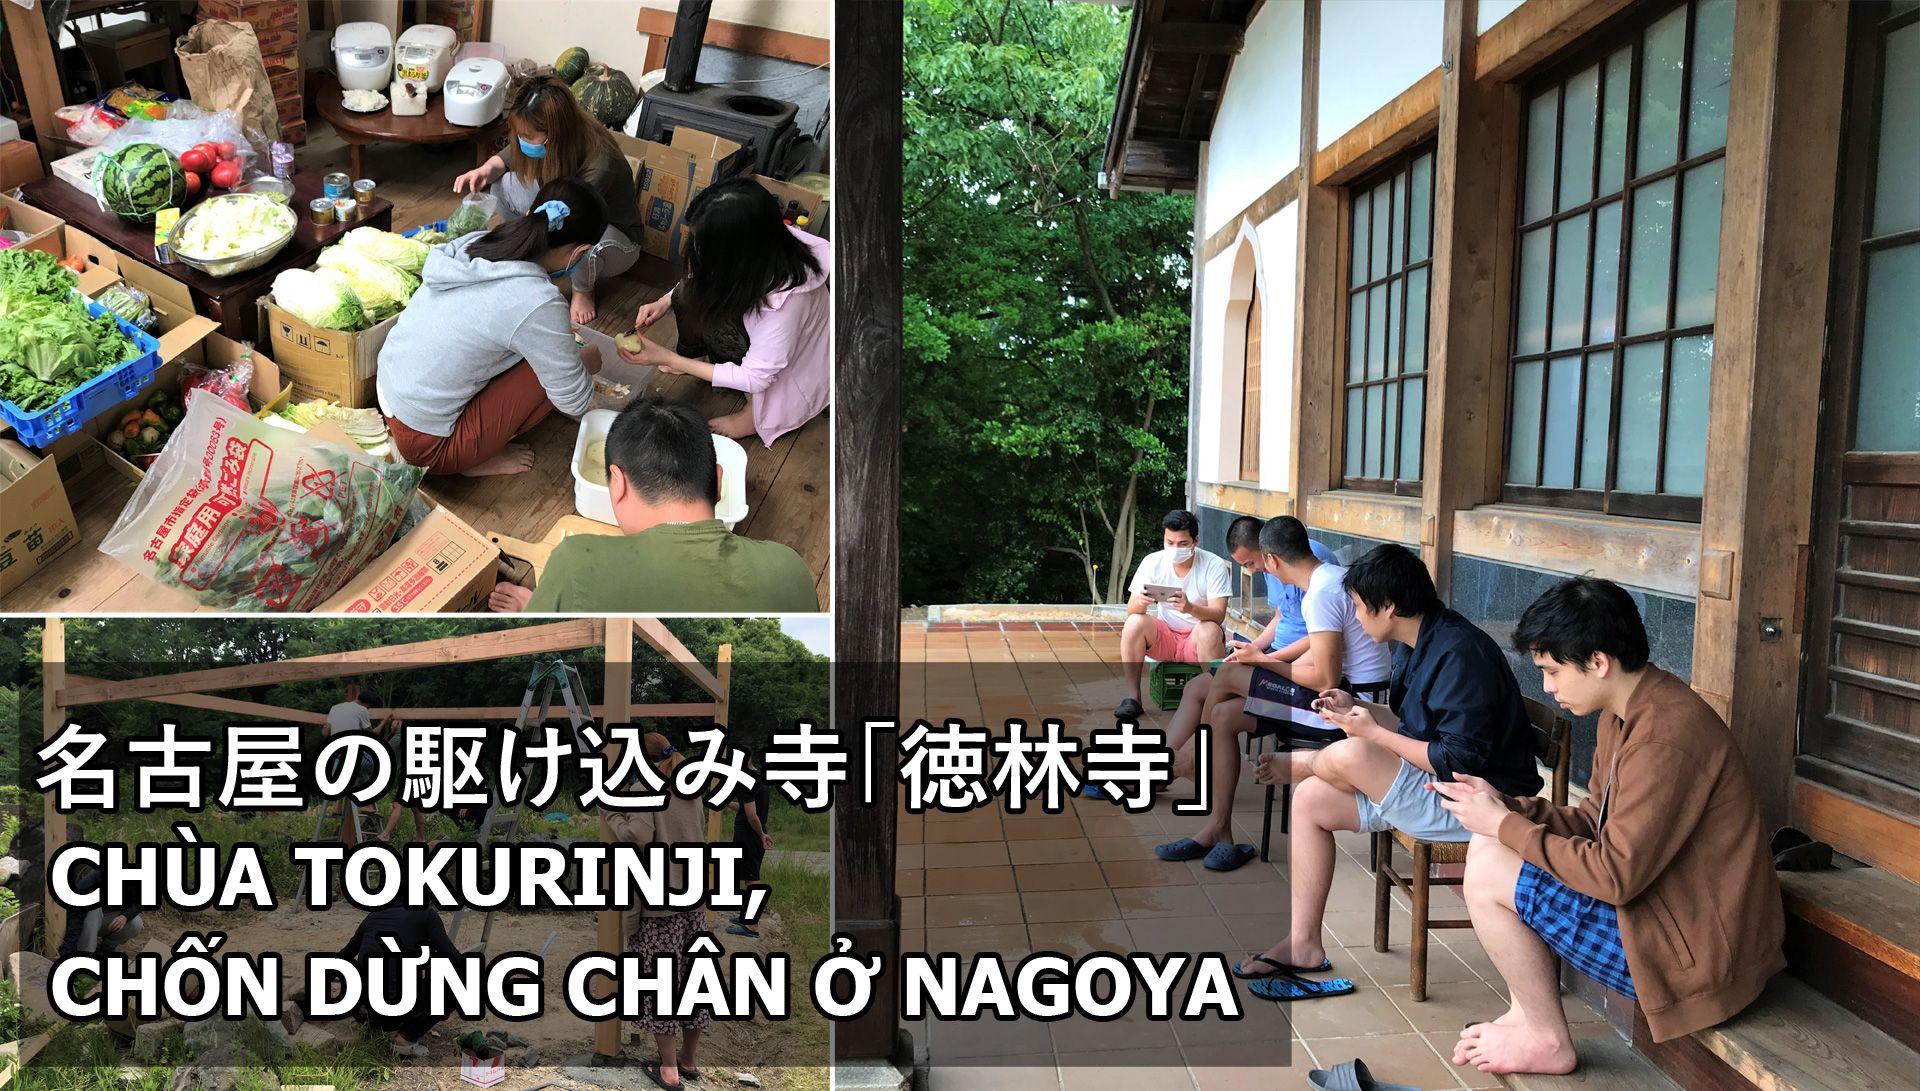 名古屋市の徳林寺を6月初めに訪れました 寺には十数室の宿坊 宿泊施設 があり 新型コロナウイルスの影響で生活に行き詰まったベトナム人四十数人とスリランカ人2人が身を寄せていました そのうちの1人ハインさん 25 仮名 は2018年 技能実習生として沖縄の建築